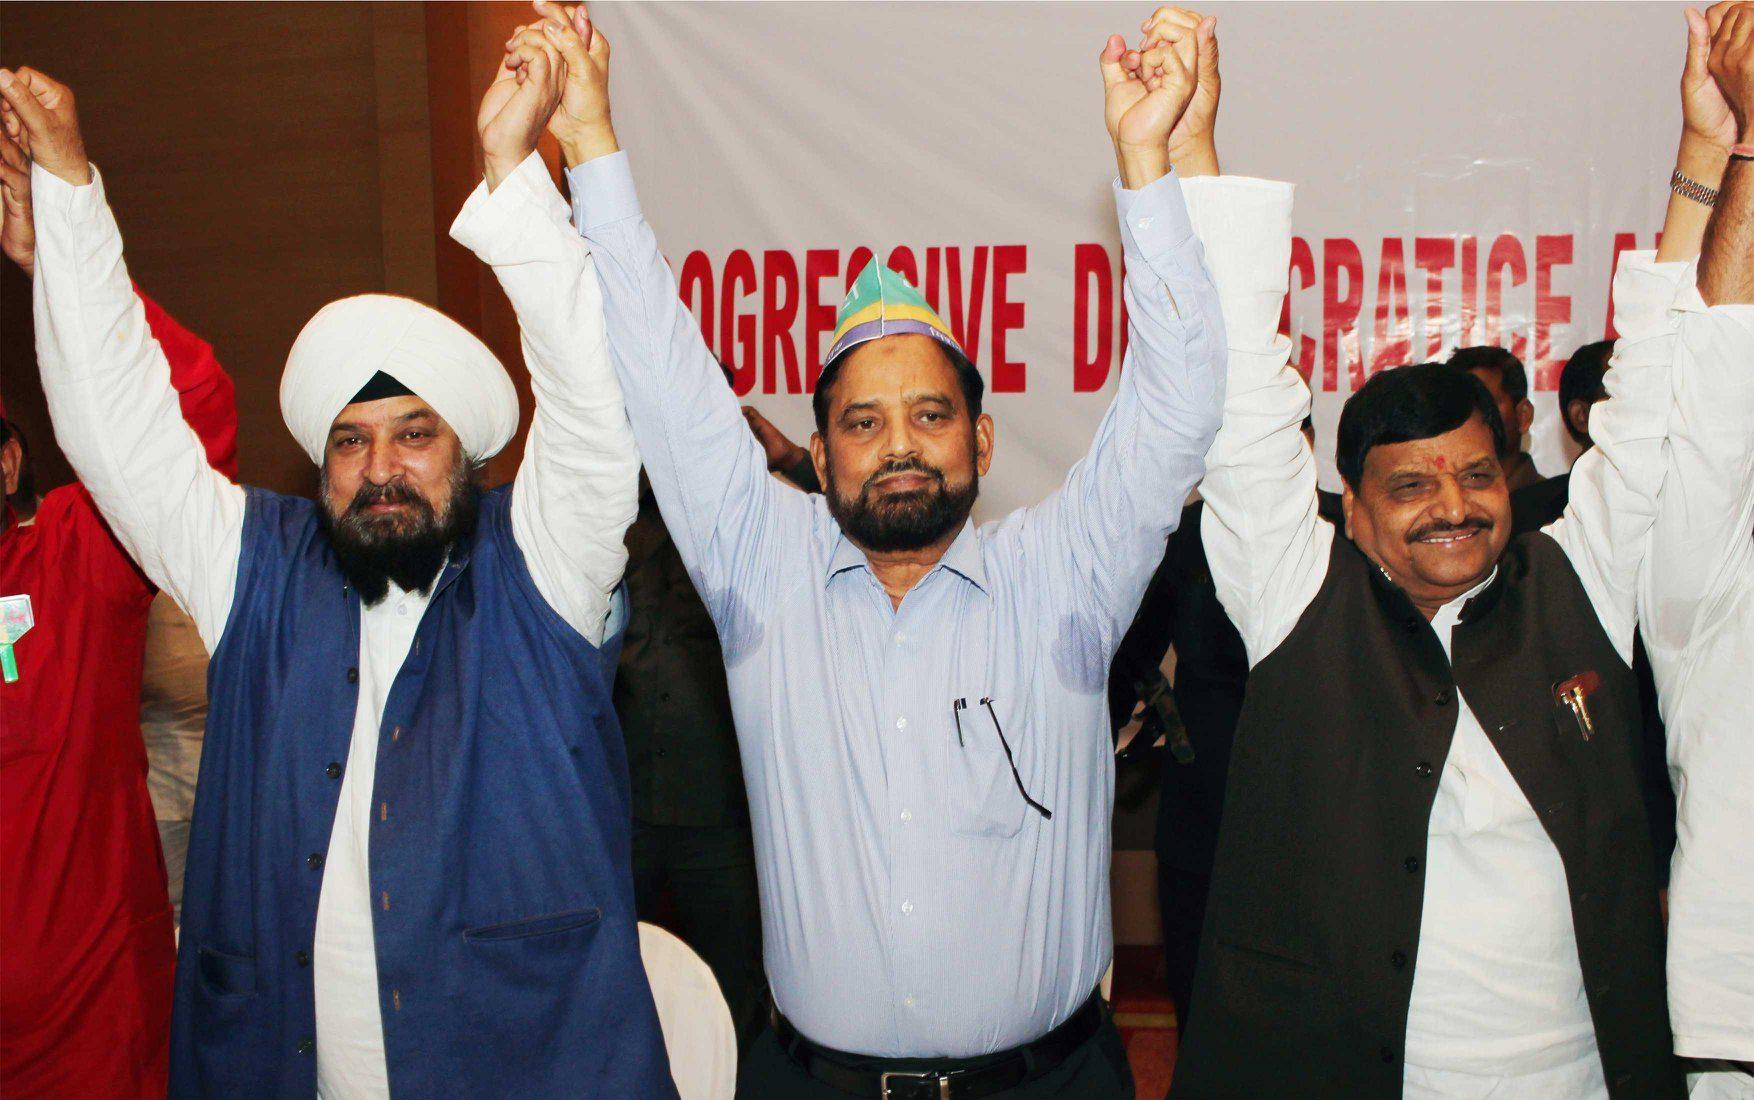 शिवपाल यादव (दाएं) के साथ पीस पार्टी के प्रमुख डॉ. अयूब (बीच में). (फोटो साभार: फेसबुक)